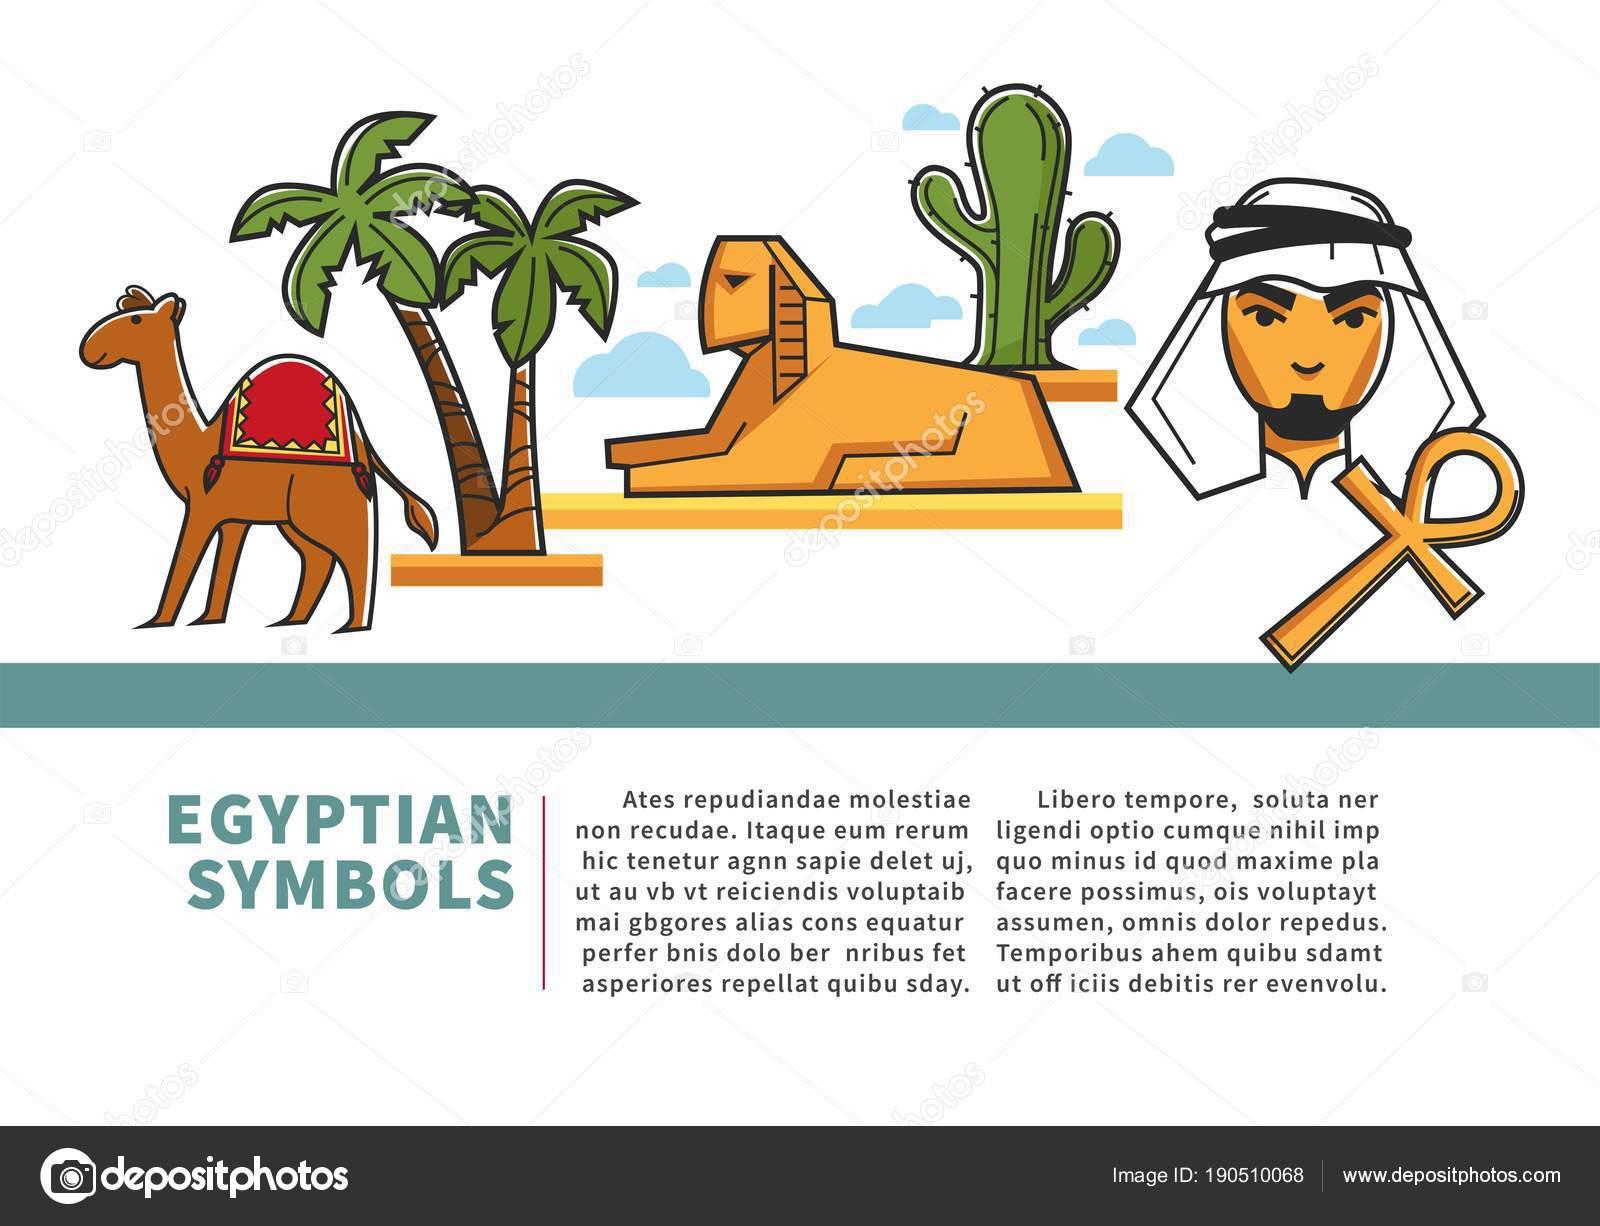 832bbb73b Egipto Agencia Viajes Turismo Cartel Hito Egipcio Símbolos Atracciones  Turísticas — Archivo Imágenes Vectoriales